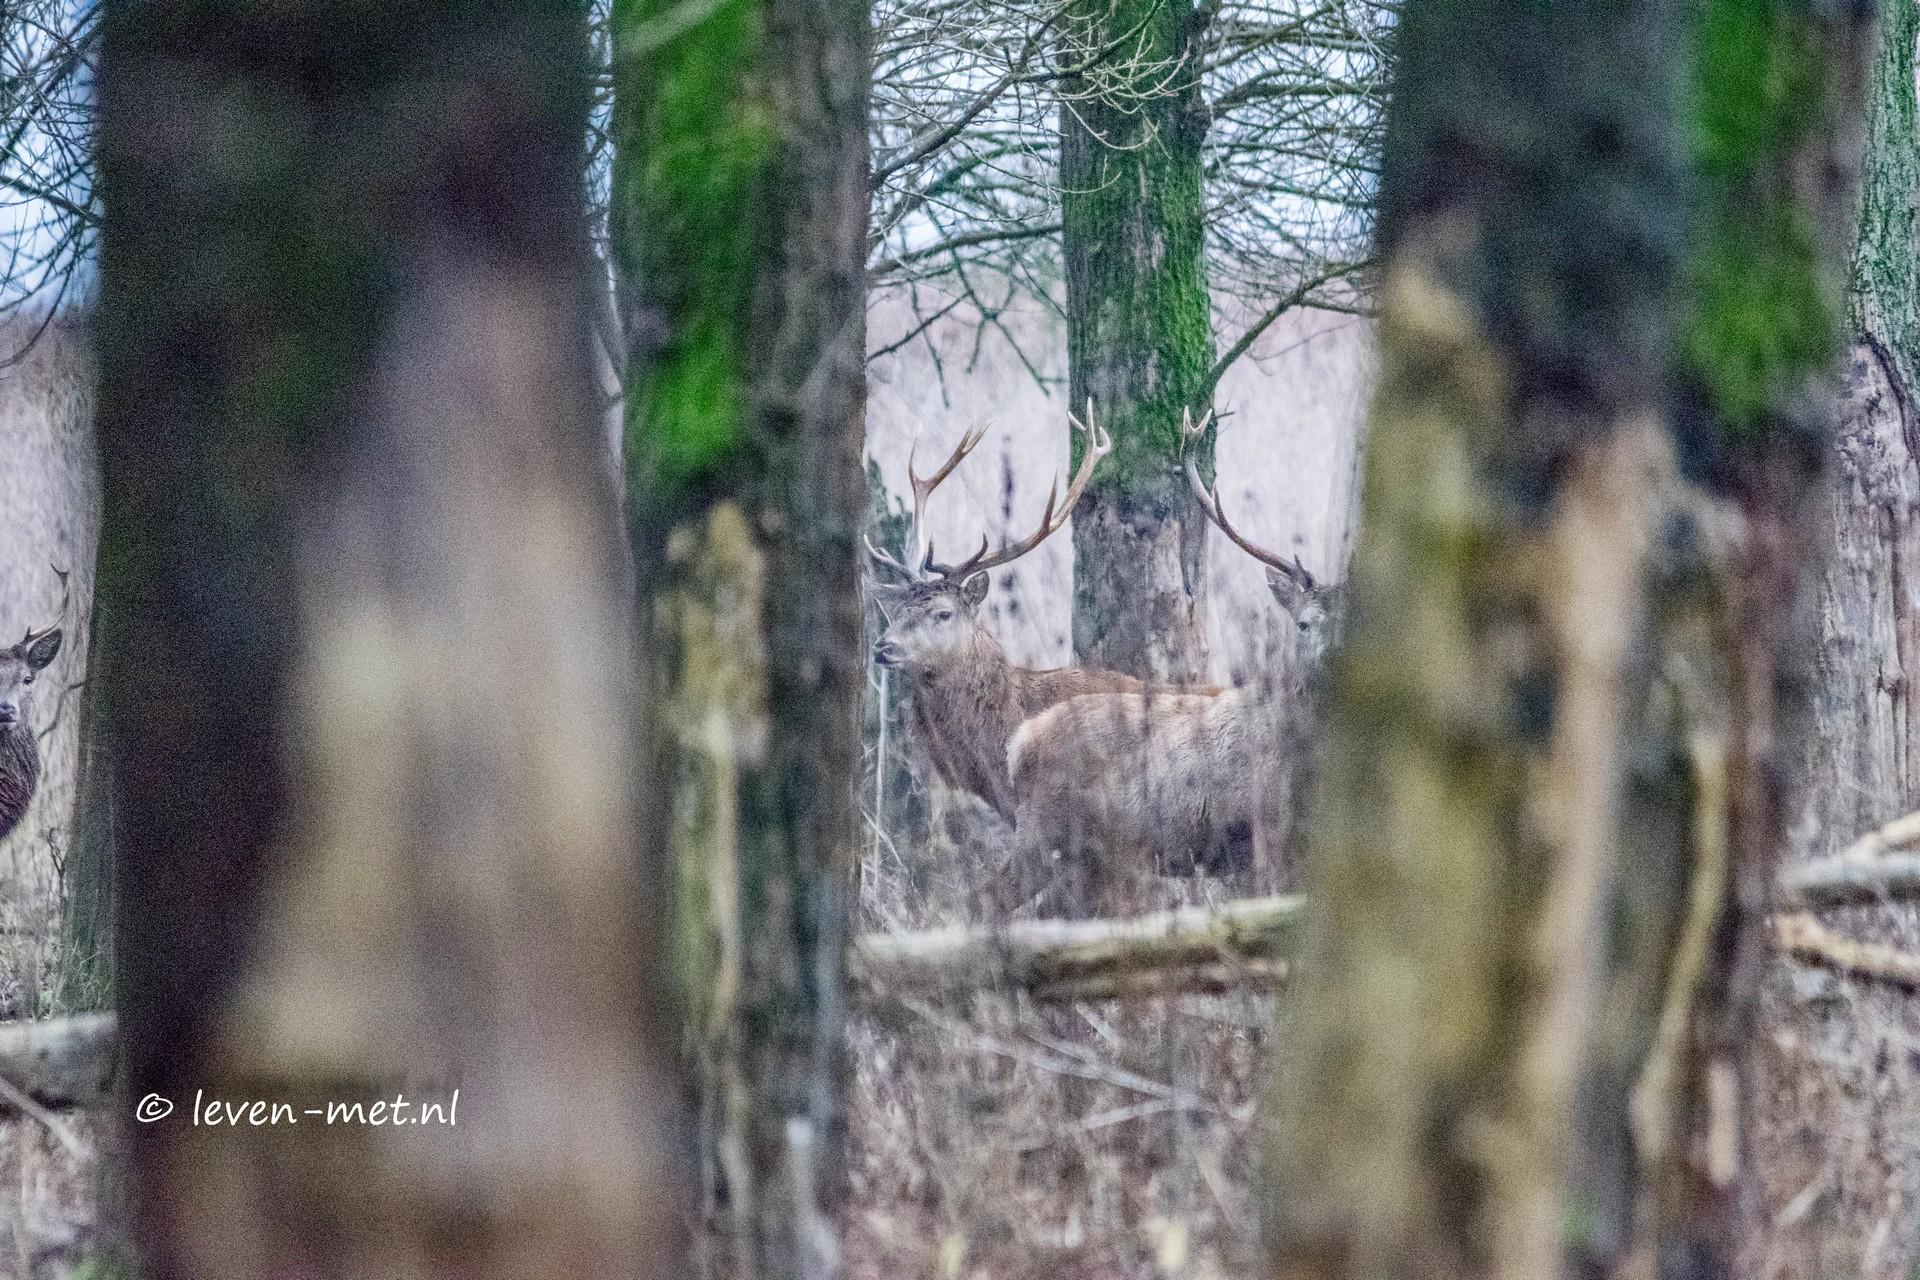 Edelherten weer in het Oostvaardersbos